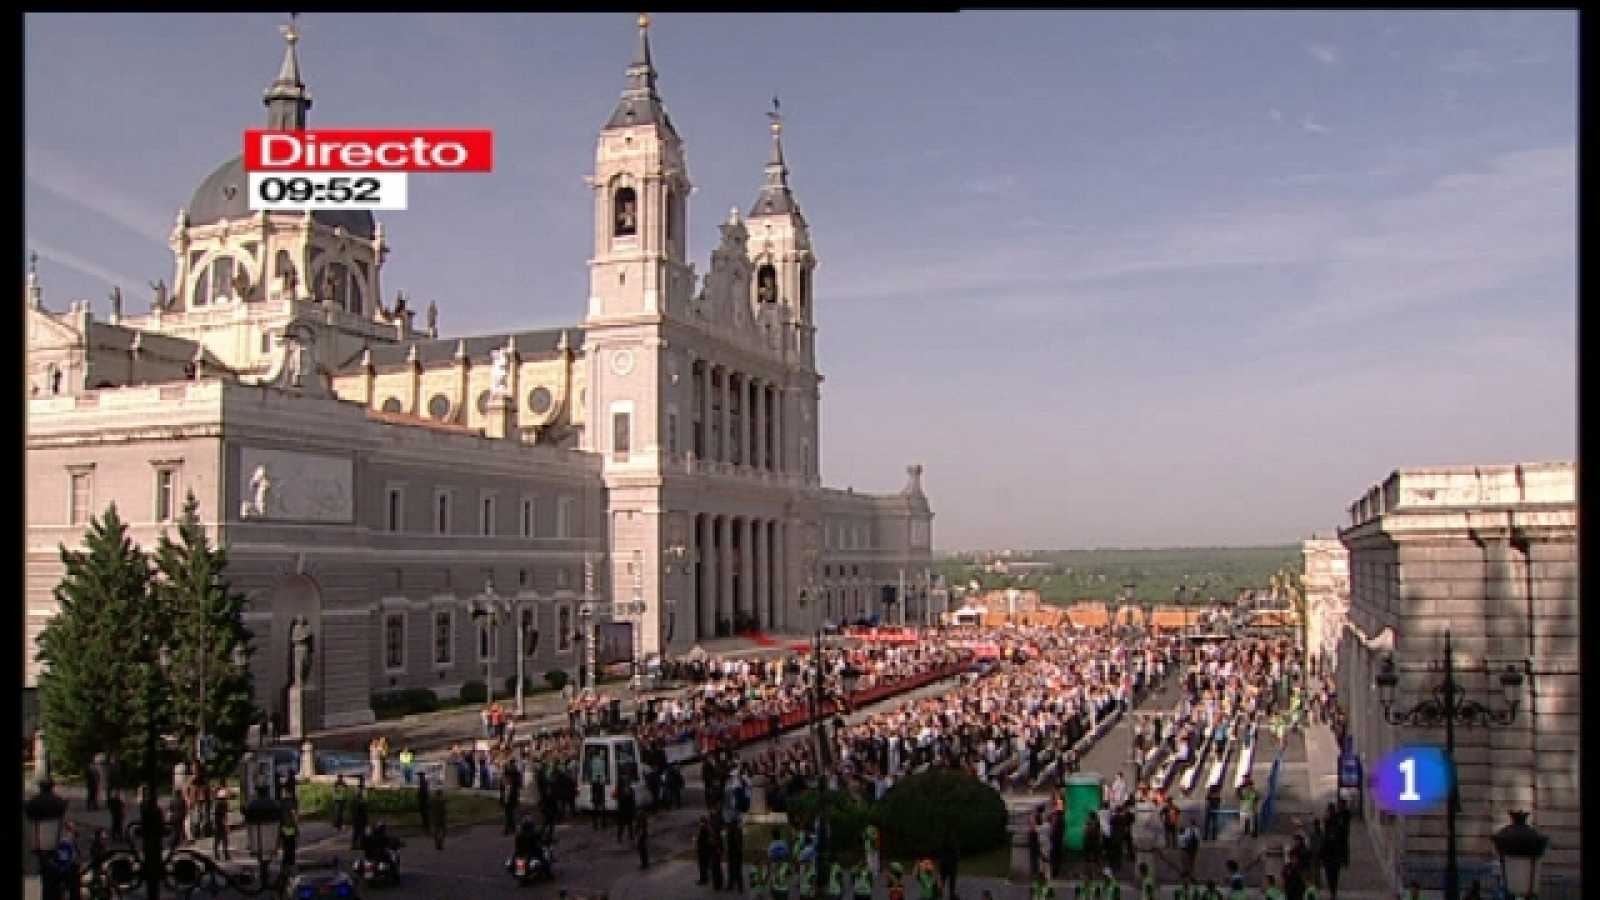 Especial informativo - Visita de S.S. el Papa Benedicto XVI - Previo a la misa desde la catedral de la Almudena - 20/08/11 - Ver ahora